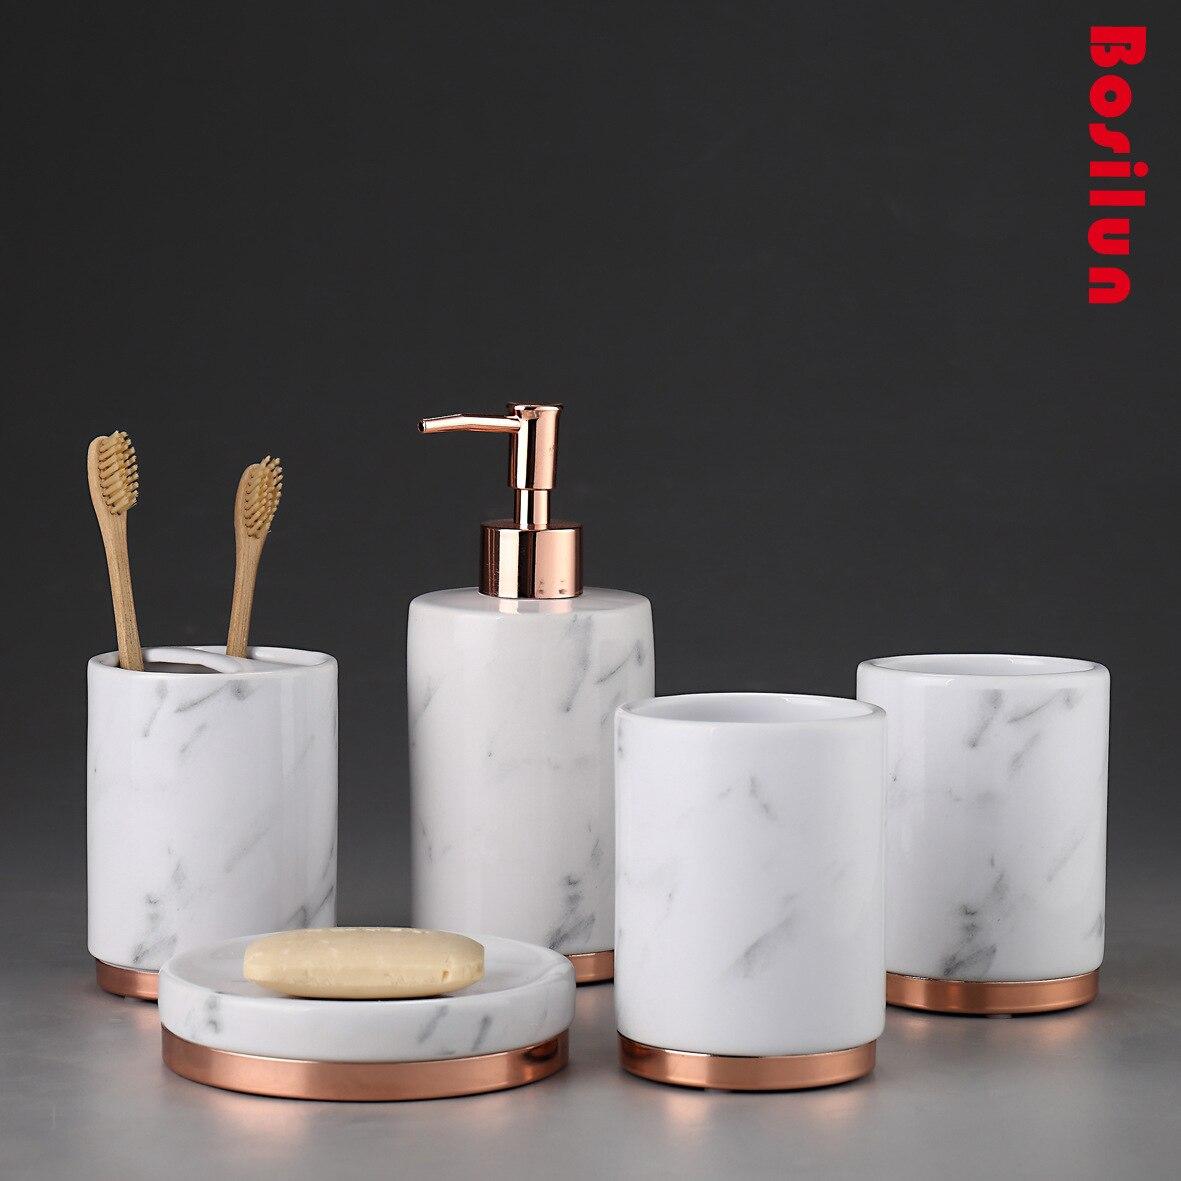 Ensemble brosse à dents et porte-savon en céramique | Accessoires de salle de bain blancs, distributeur de savon, bouteille de Lotion, produits de salle de bain en céramique